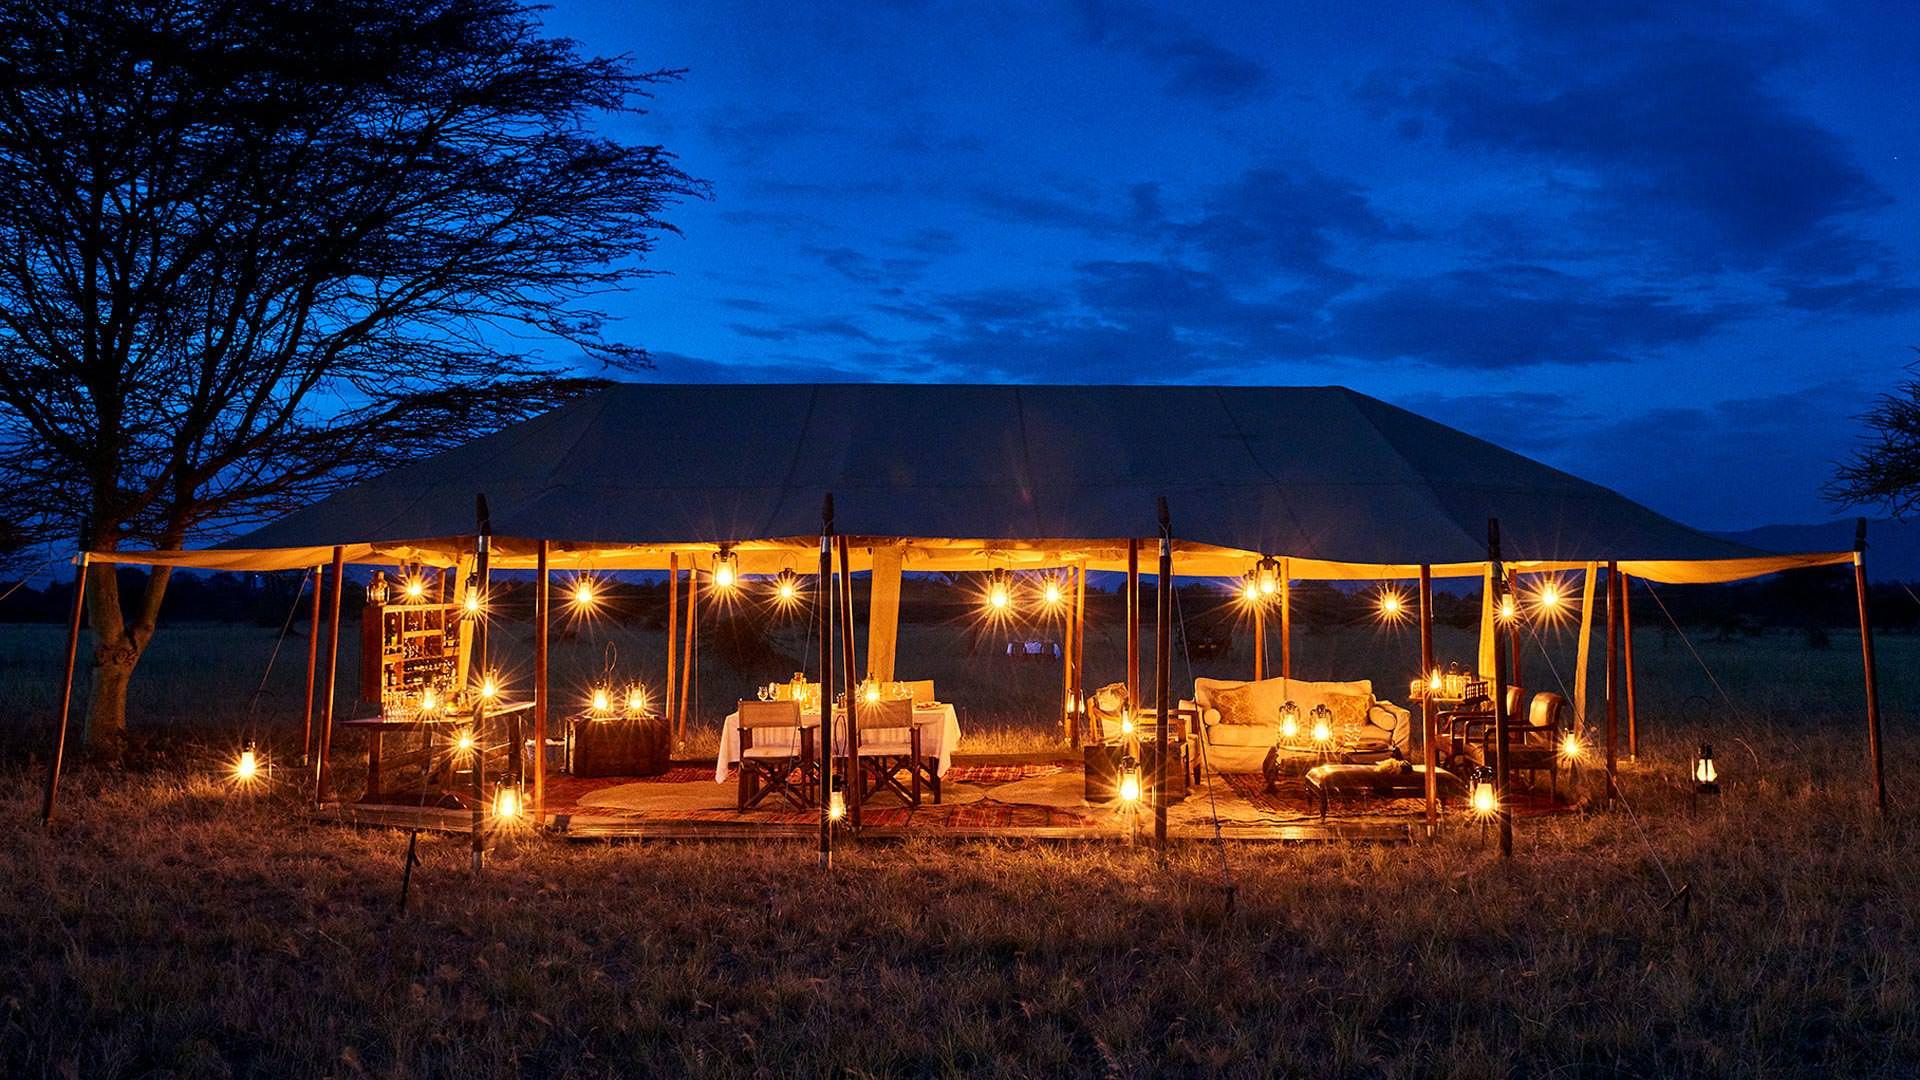 Legendary Serengeti Camp at night